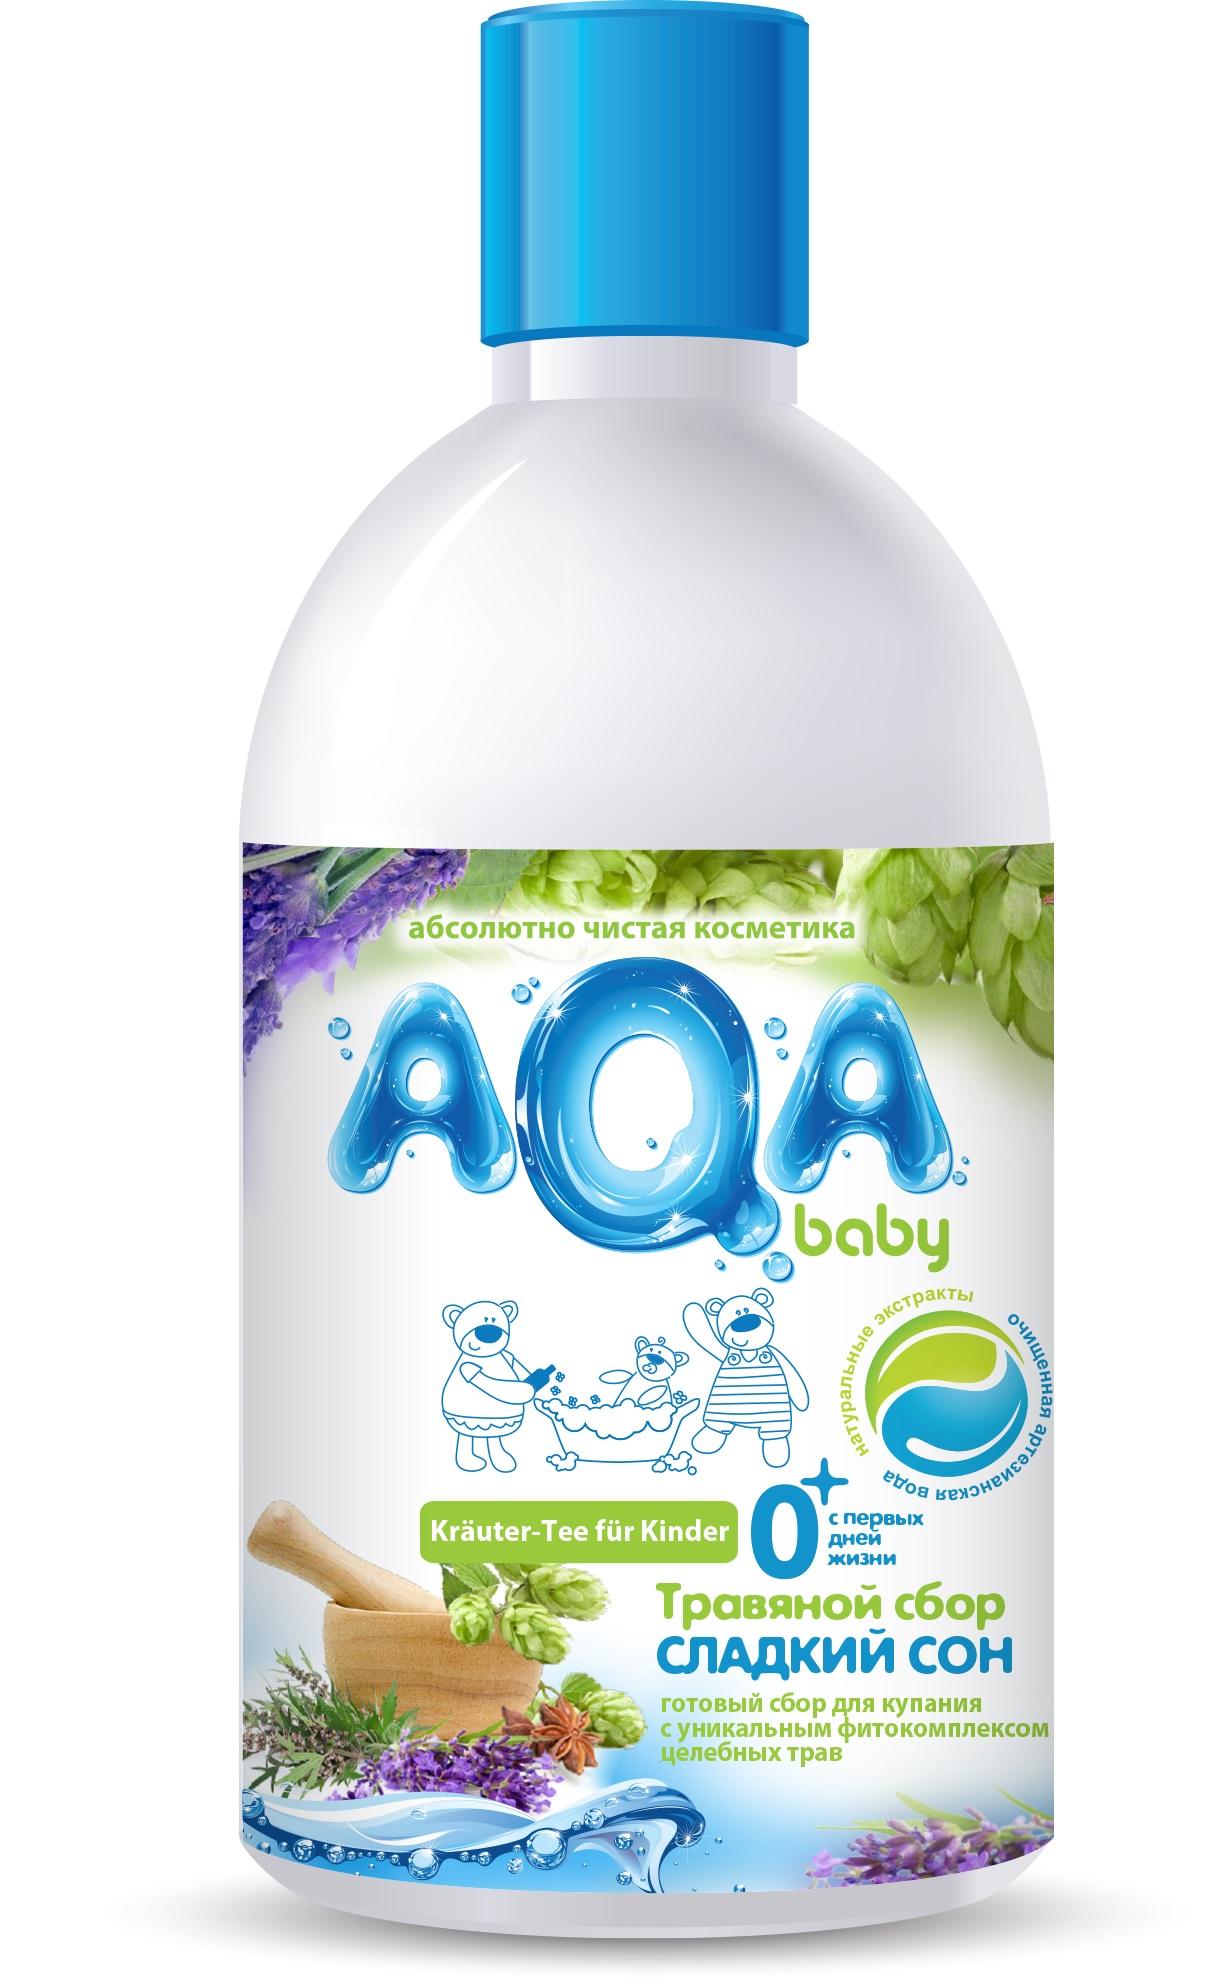 Травяной сбор для купания малышей AQA baby Сладкий сон 300 мл